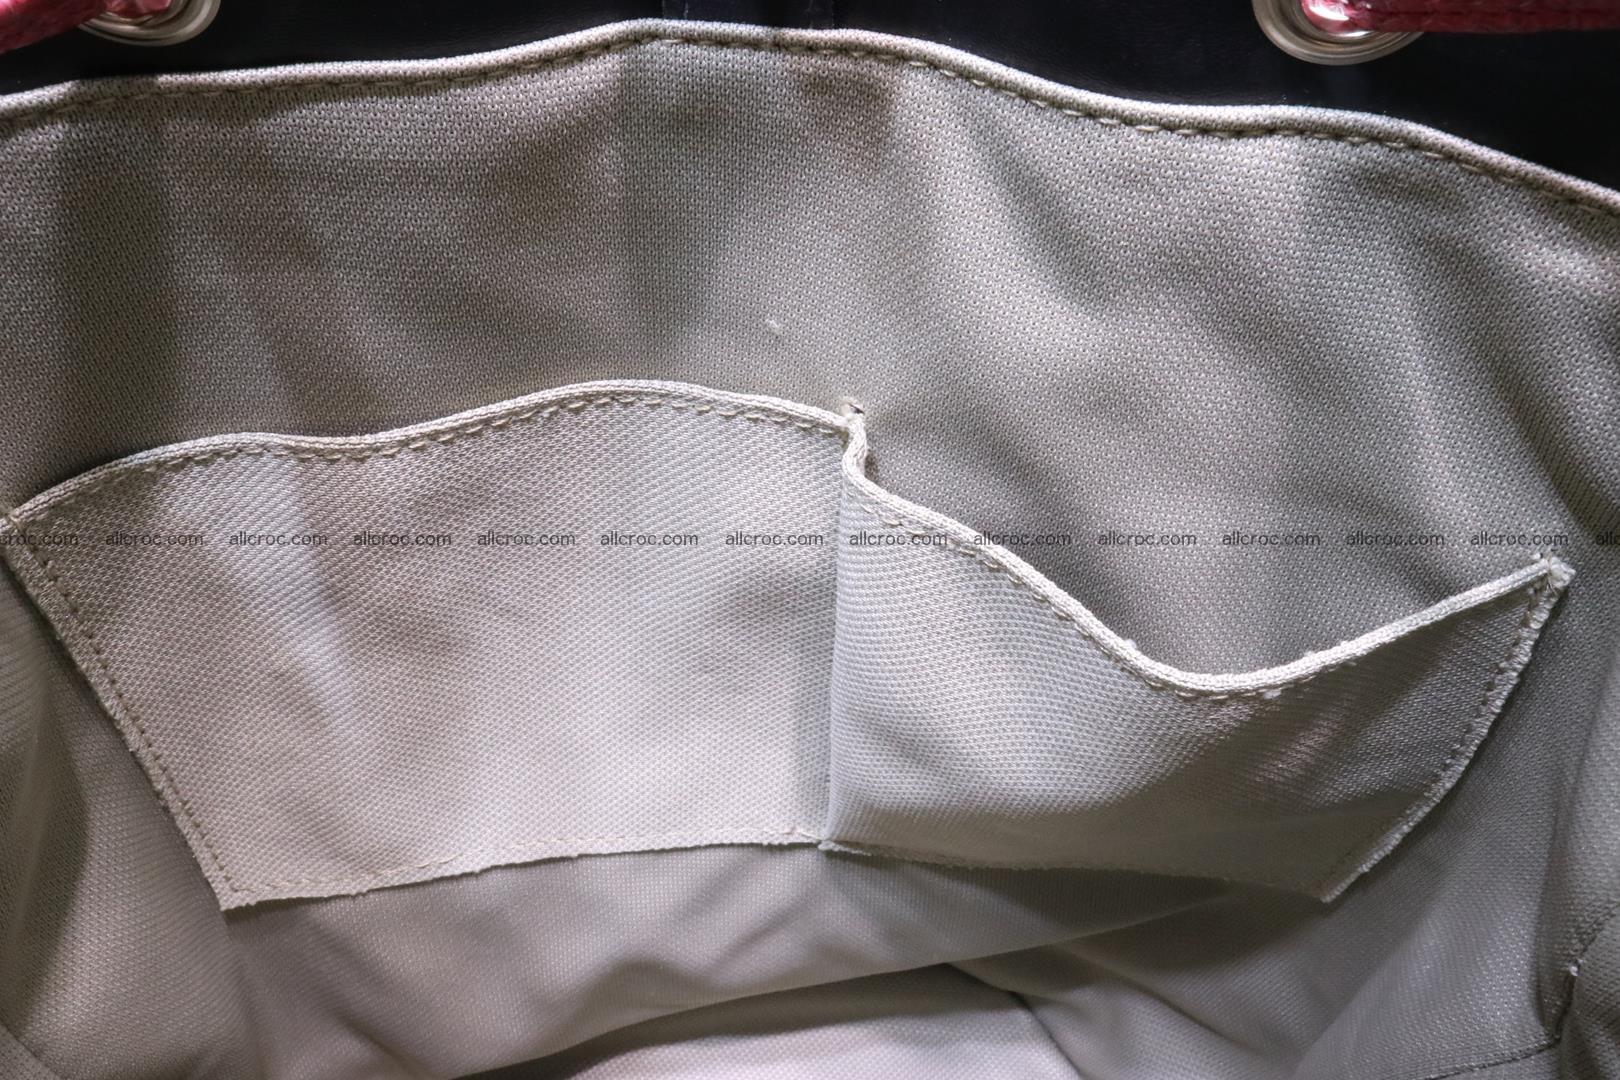 Cobra skin backpack with head of cobra 418 Foto 13